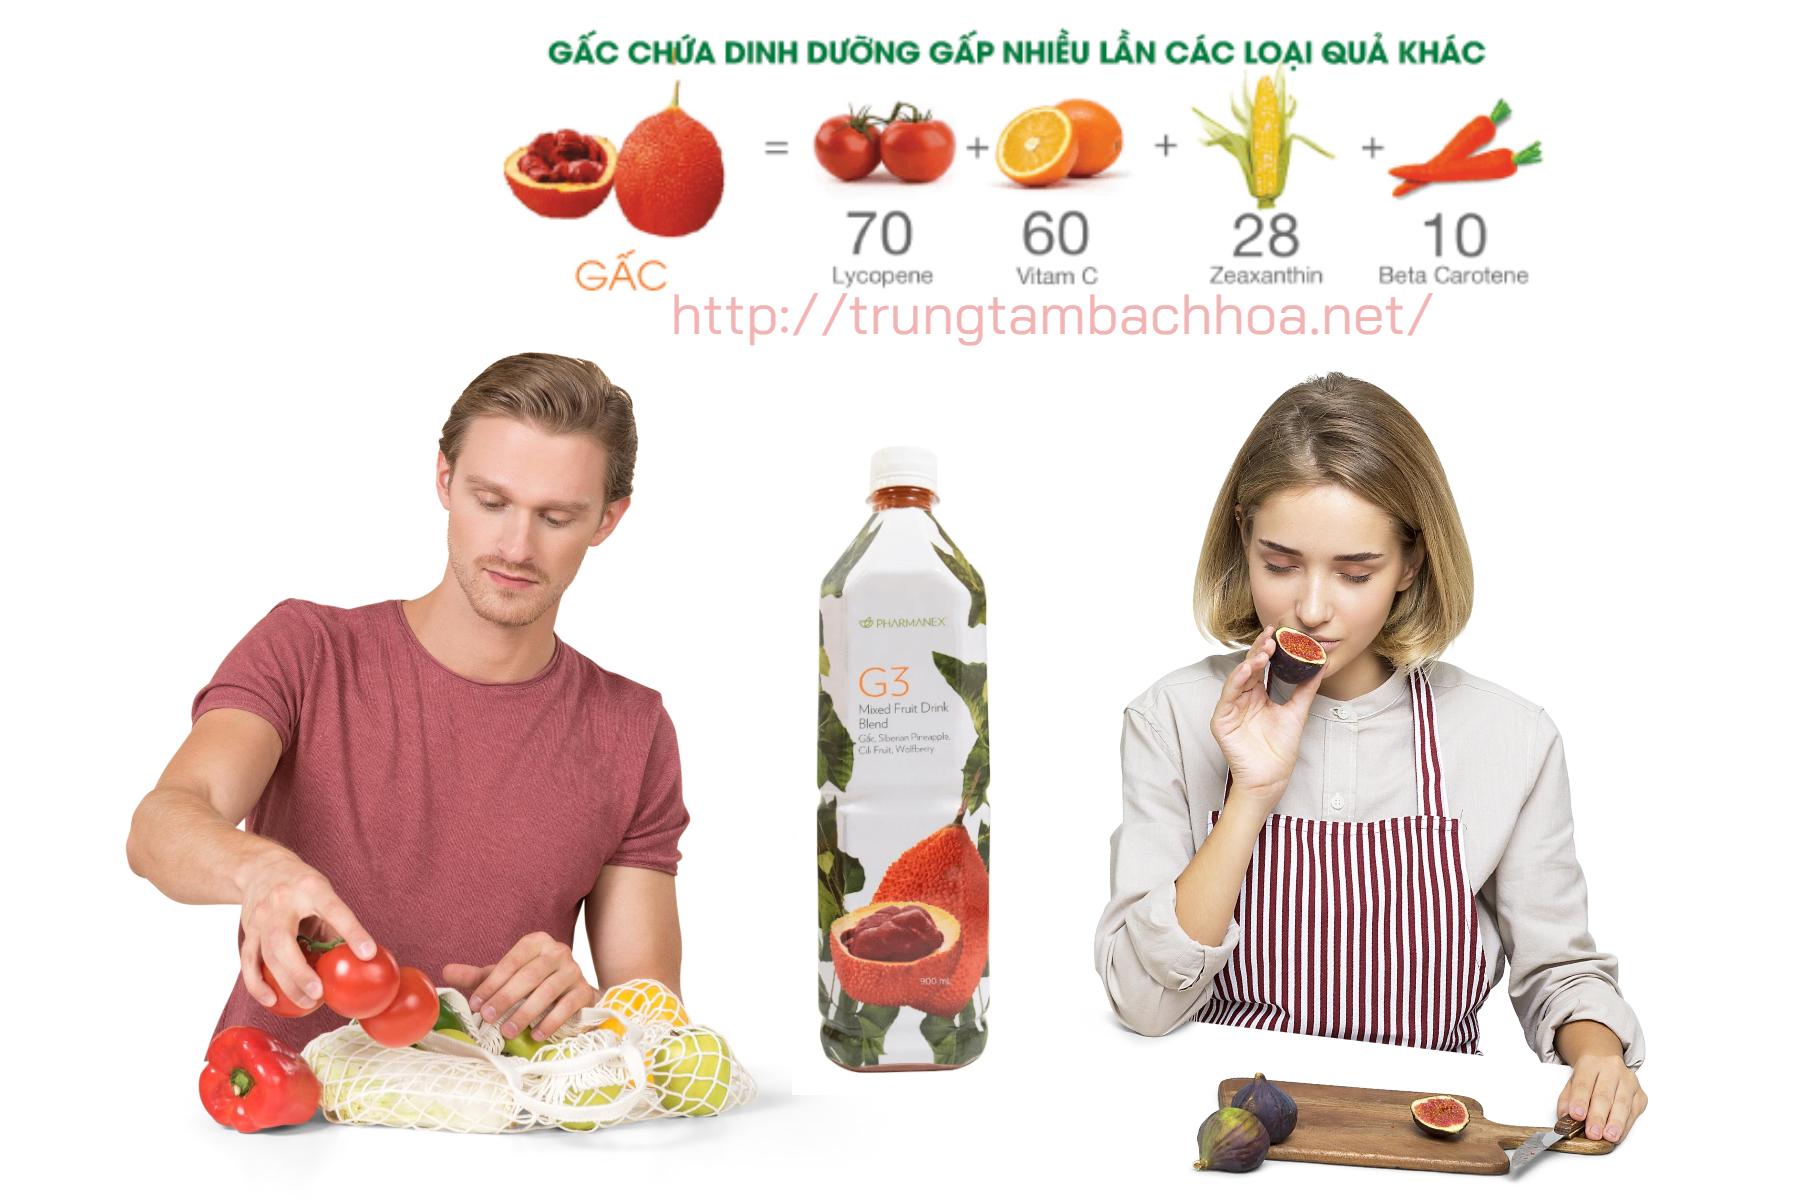 So sách chỉ số dinh dưỡng của Gấc với các loại trái cây khác